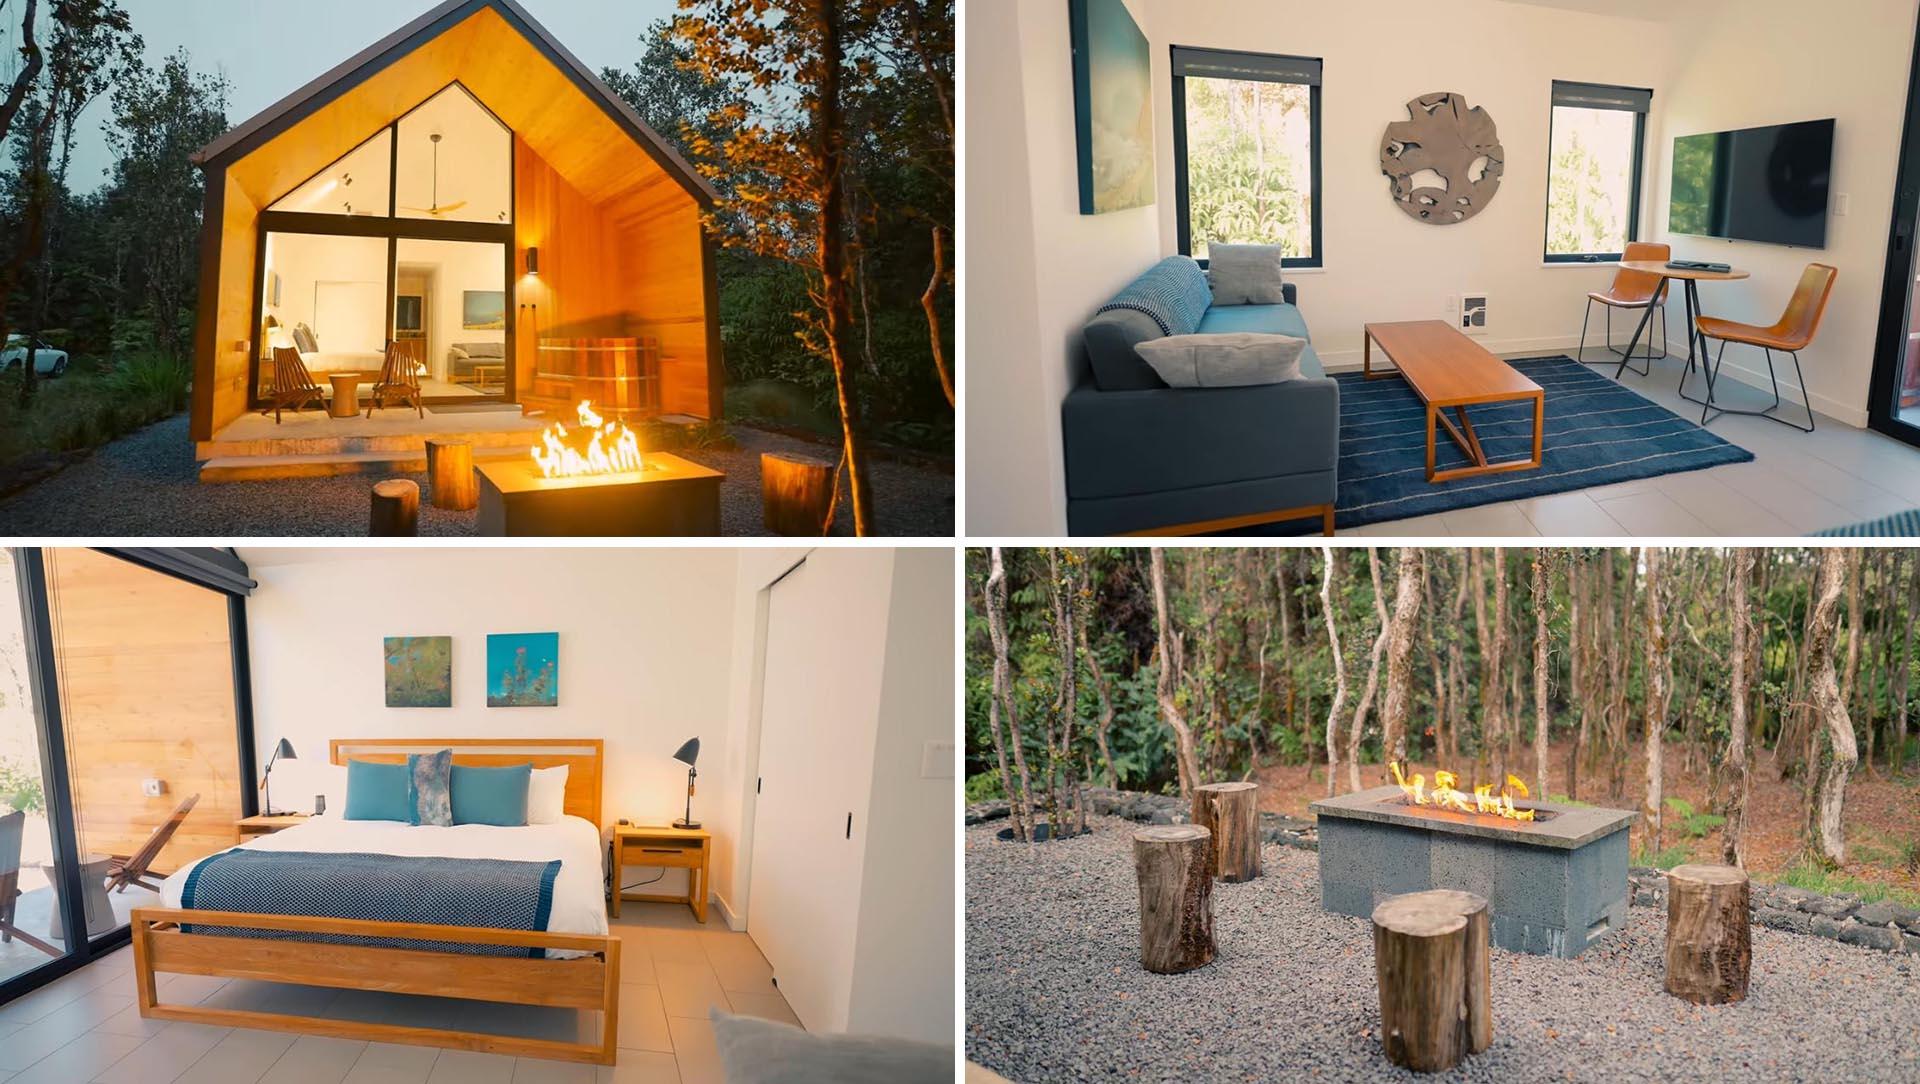 Dieses moderne winzige Haus, umgeben von einem Wald auf Hawaii, ist ein überraschender Fund »